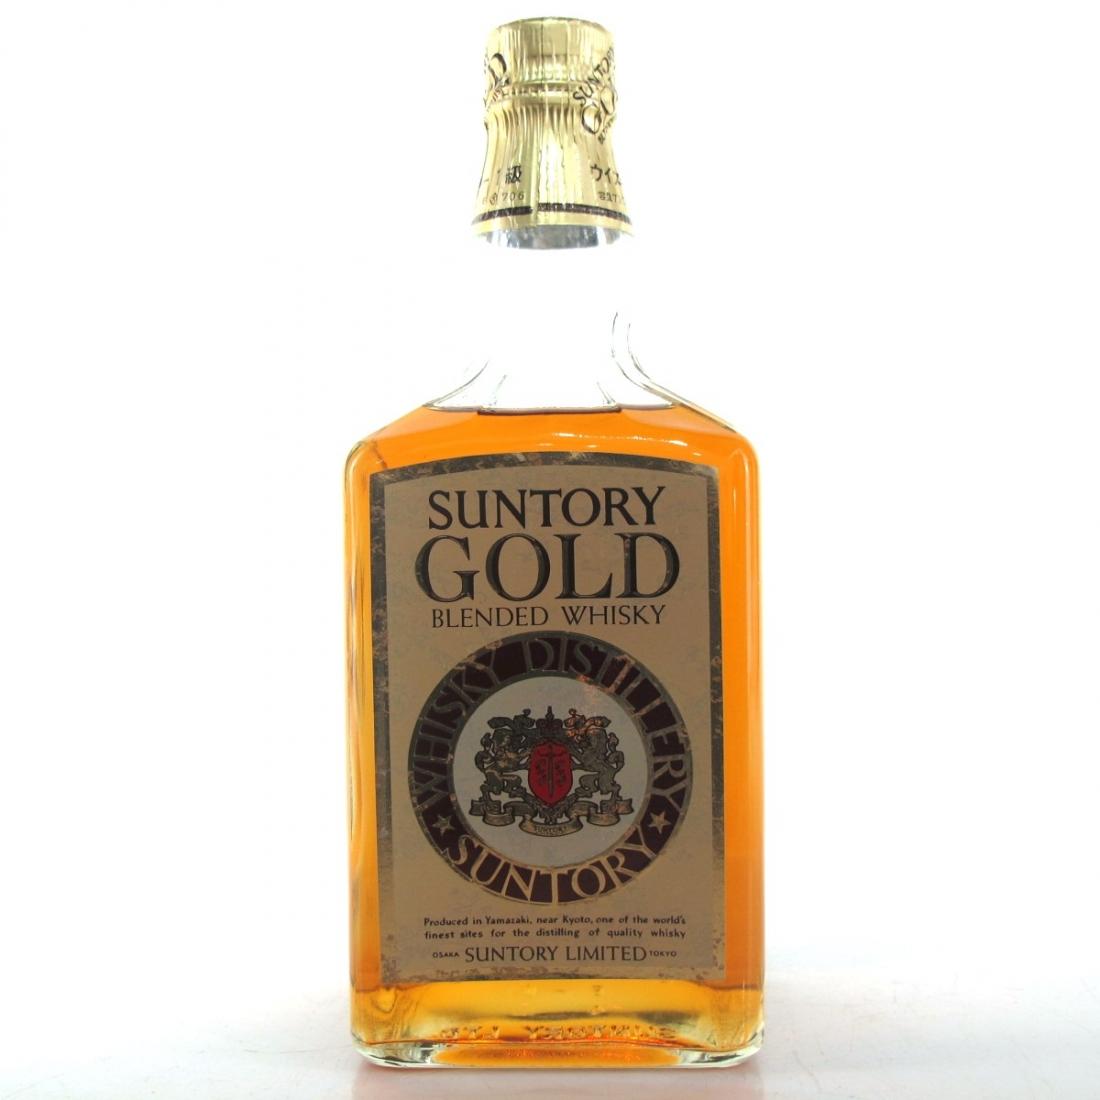 Suntory Gold